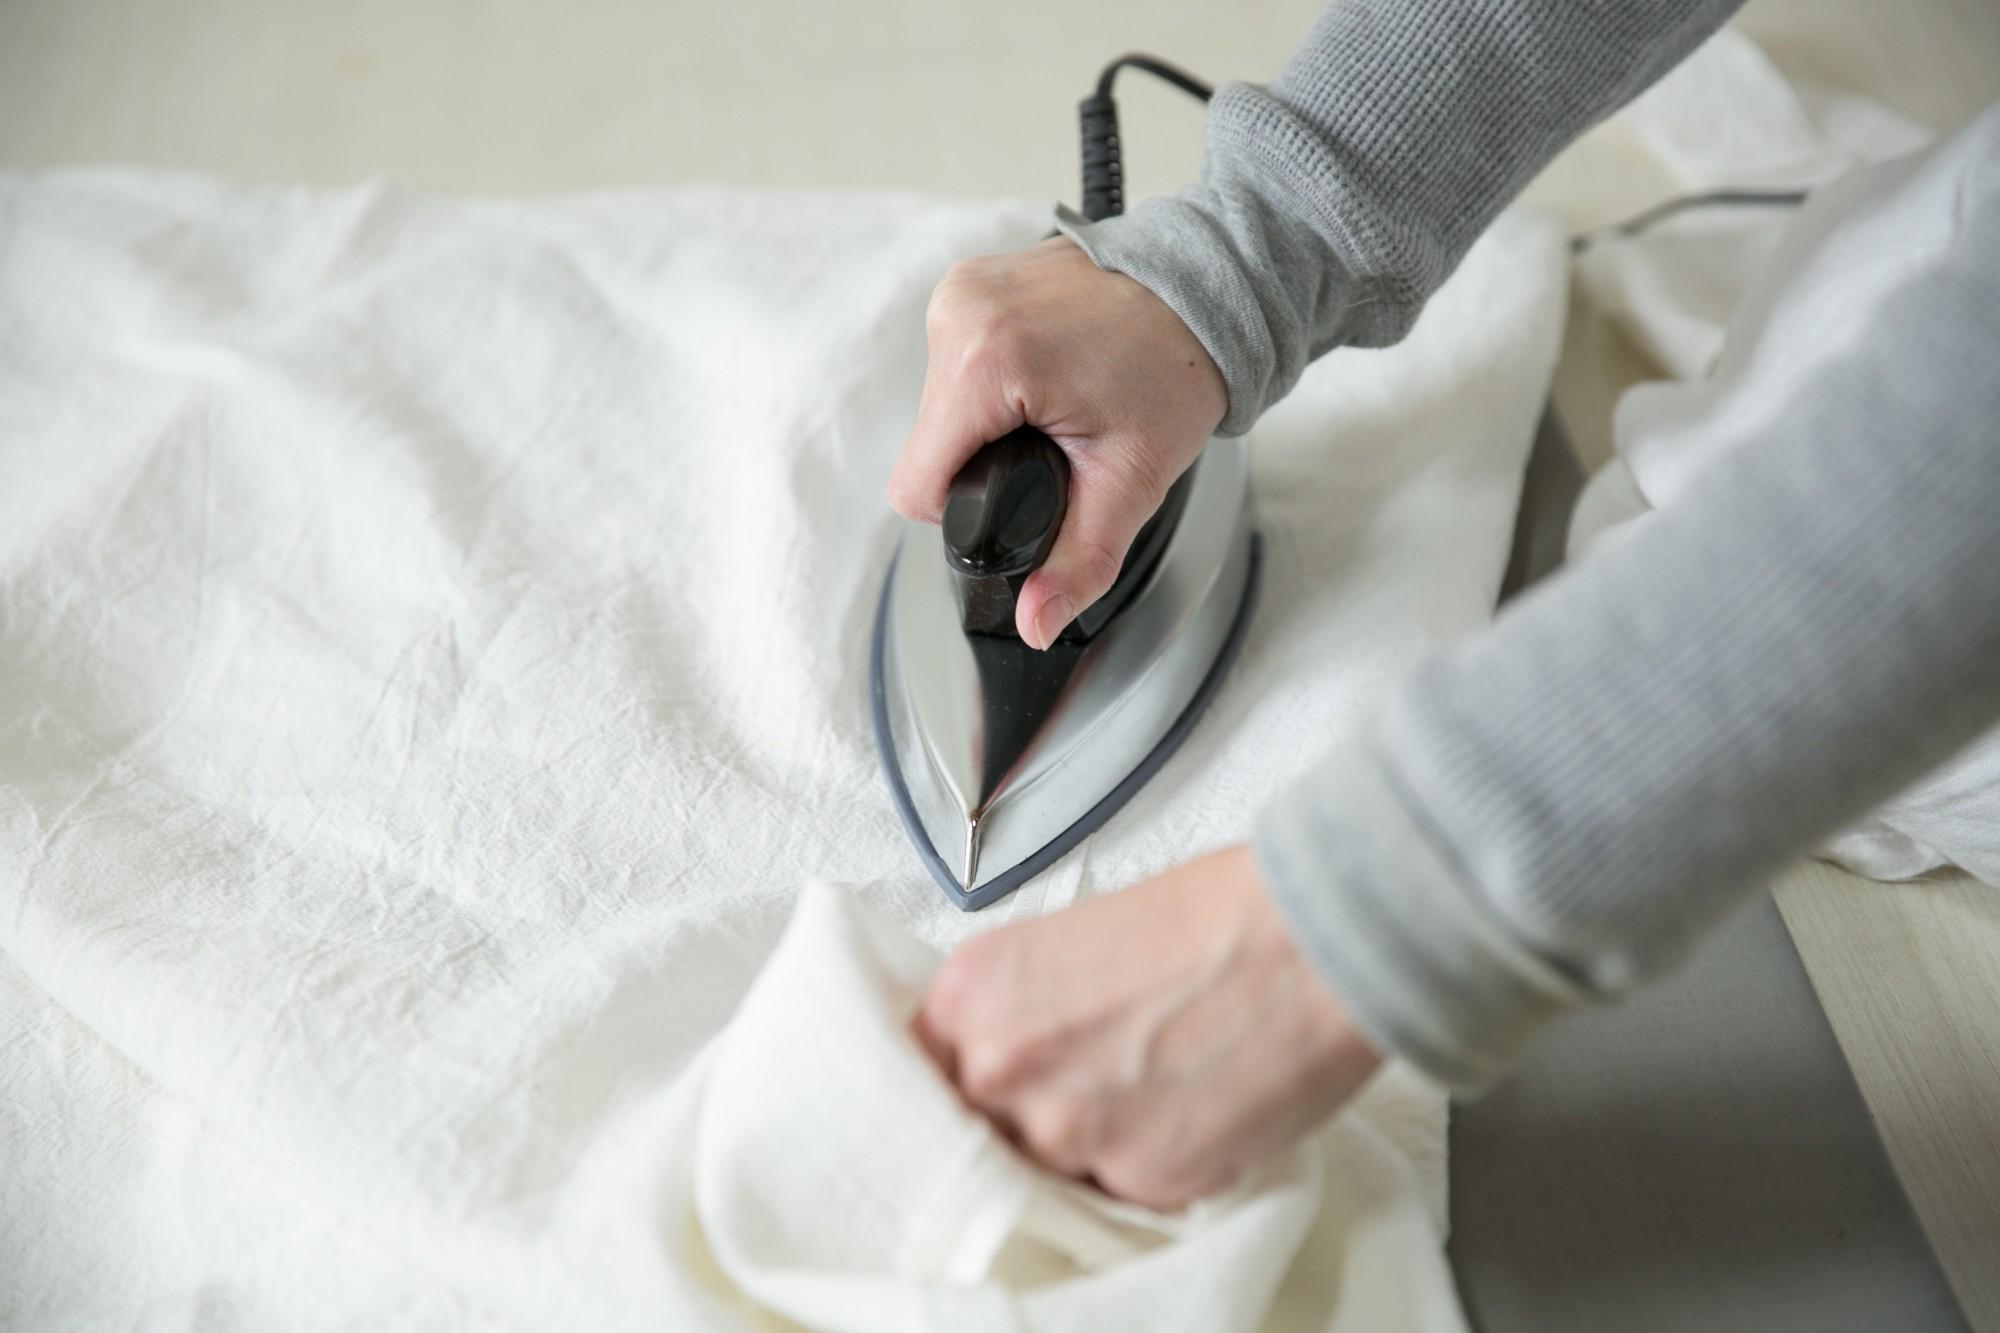 デザインを描き、布を切り、ミシン、アイロン。すべての工程がこの部屋の中で完結します。